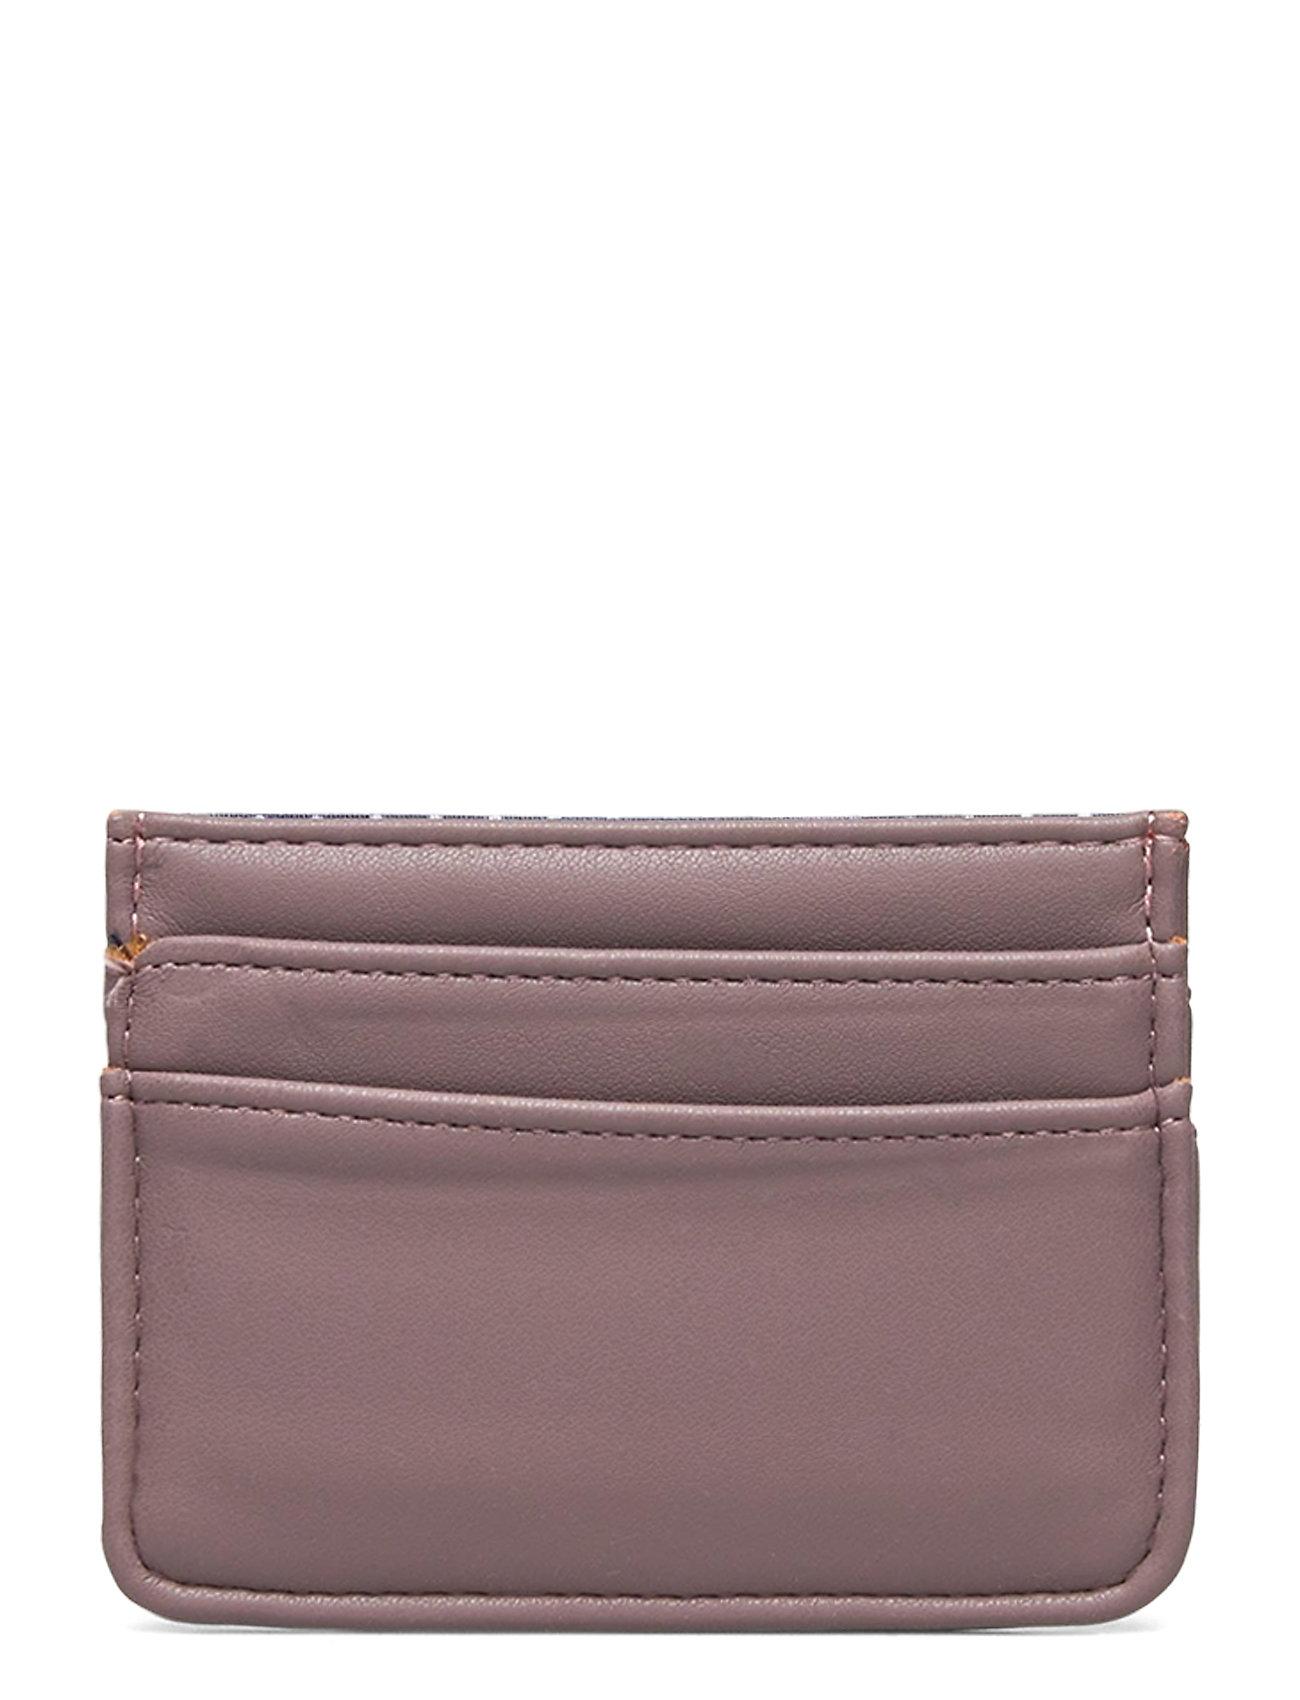 Image of Card Holder Soft Bags Card Holders & Wallets Card Holder Lilla Hvisk (3439673379)